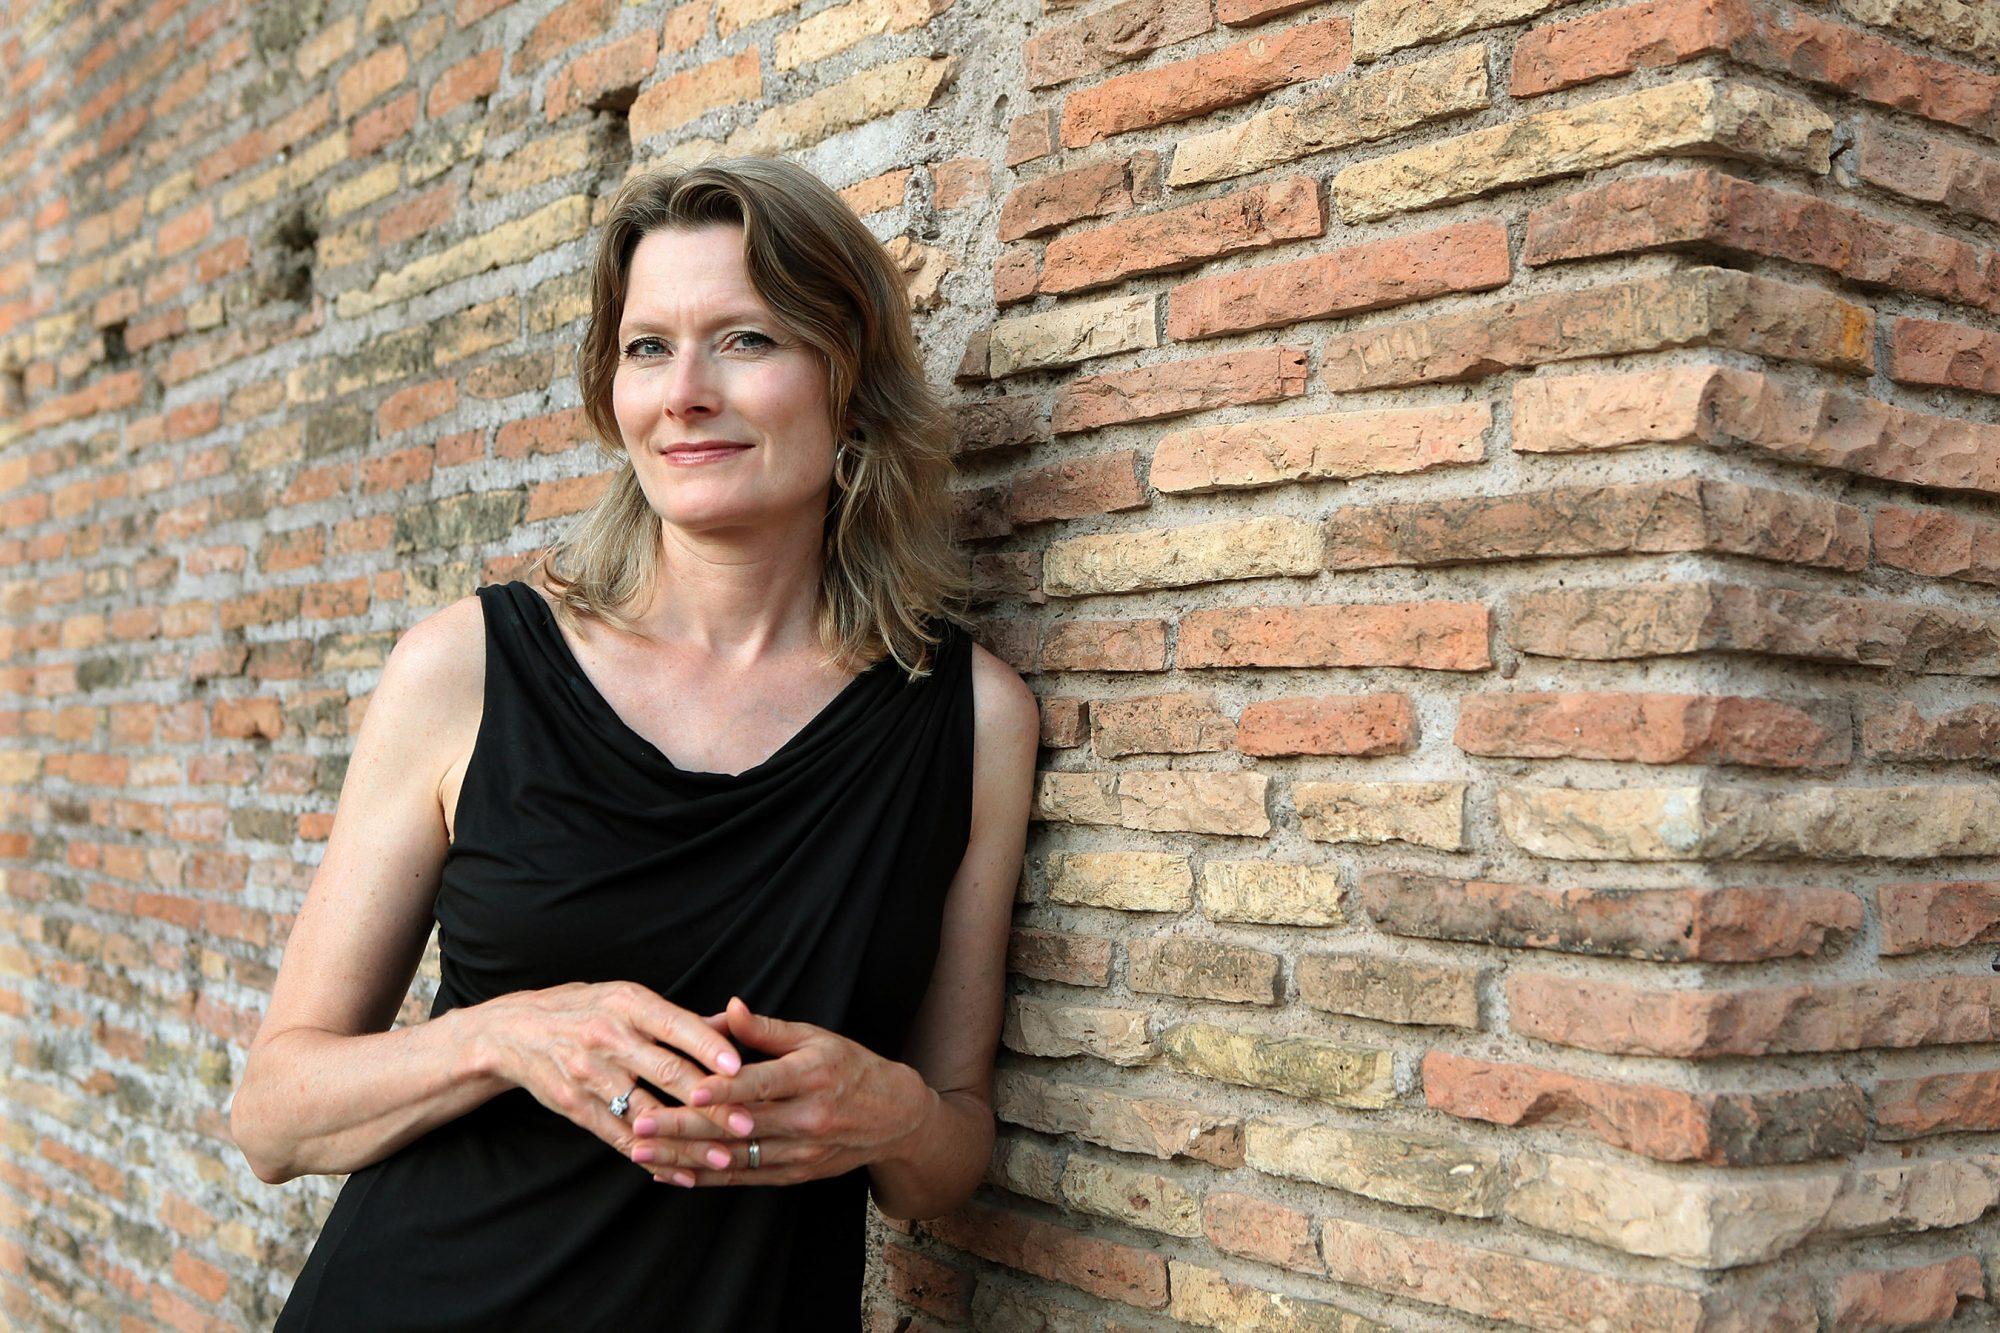 2013 Festival delle Letterature - June 12, 2013